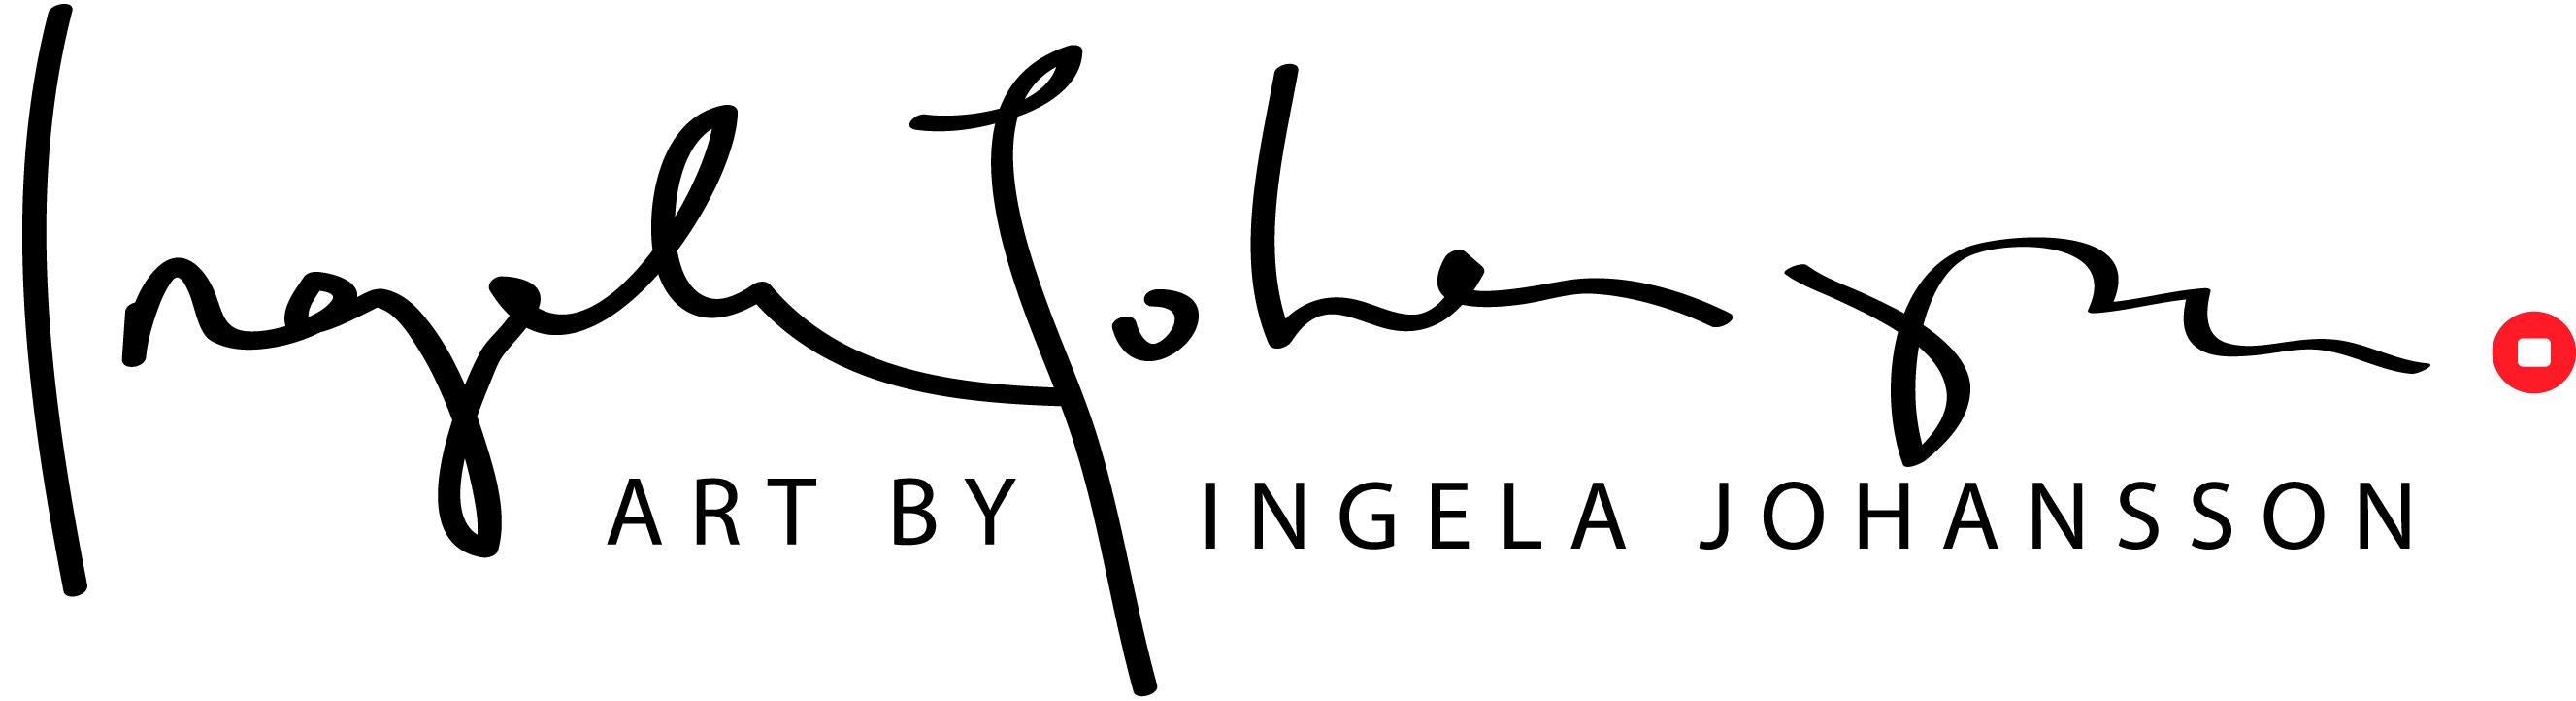 INGELA JOHANSSON's Signature